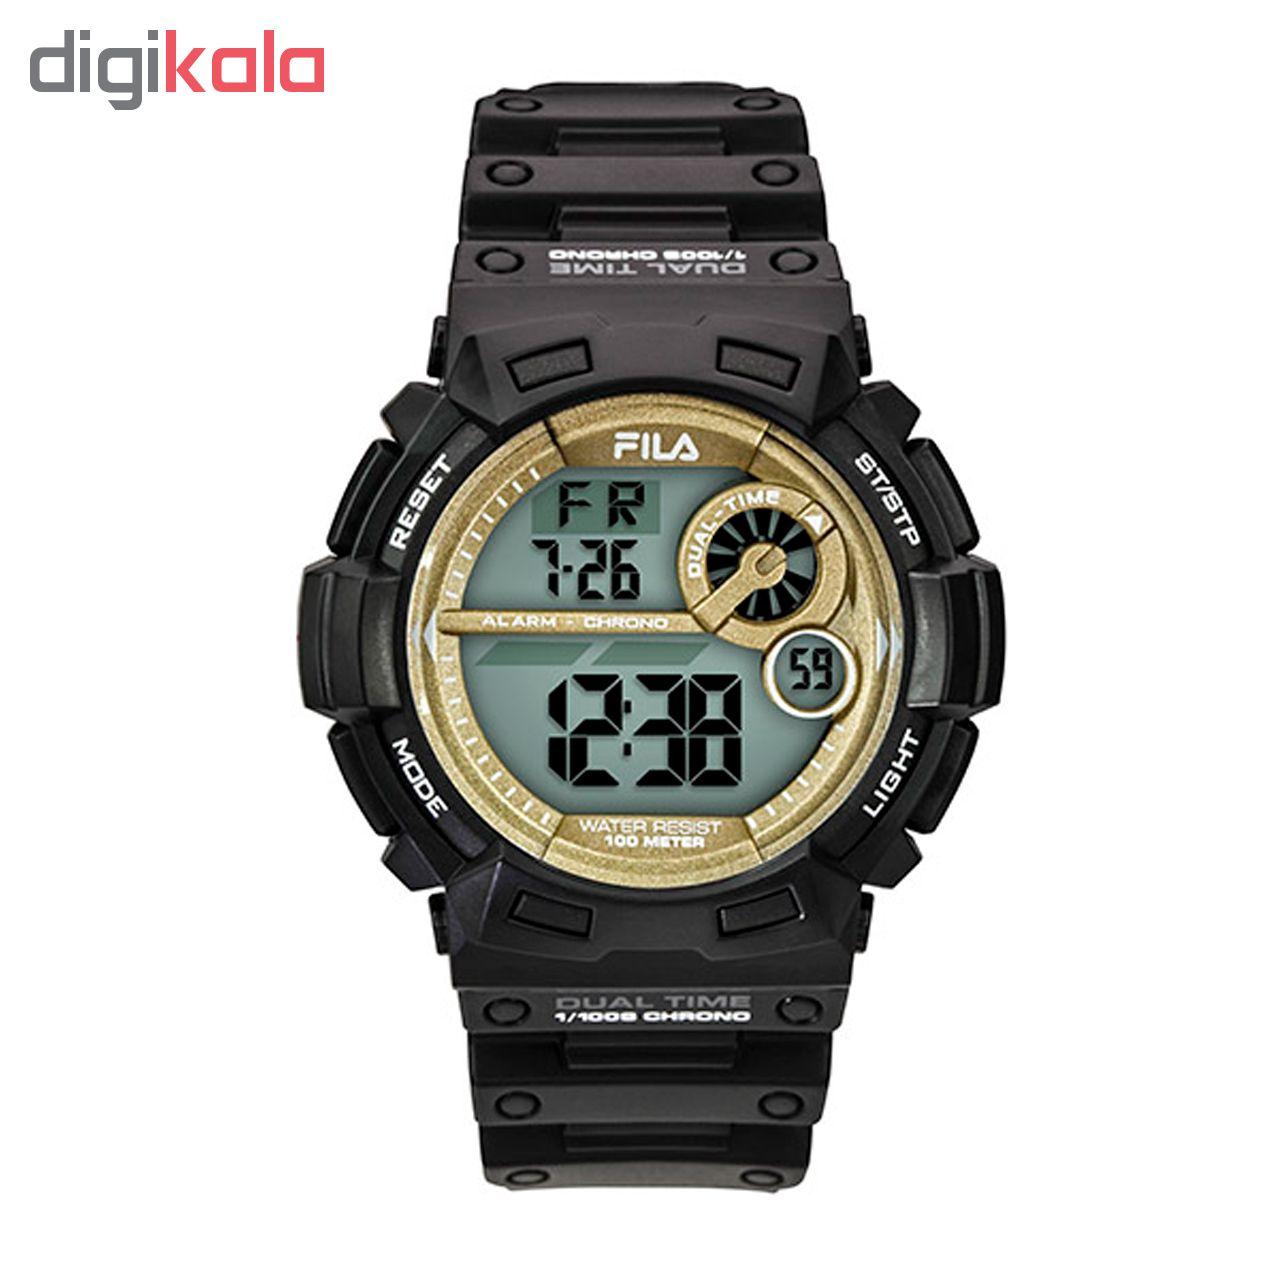 خرید ساعت مچی عقربه ای مردانه ی فیلا مدل 38-110-007